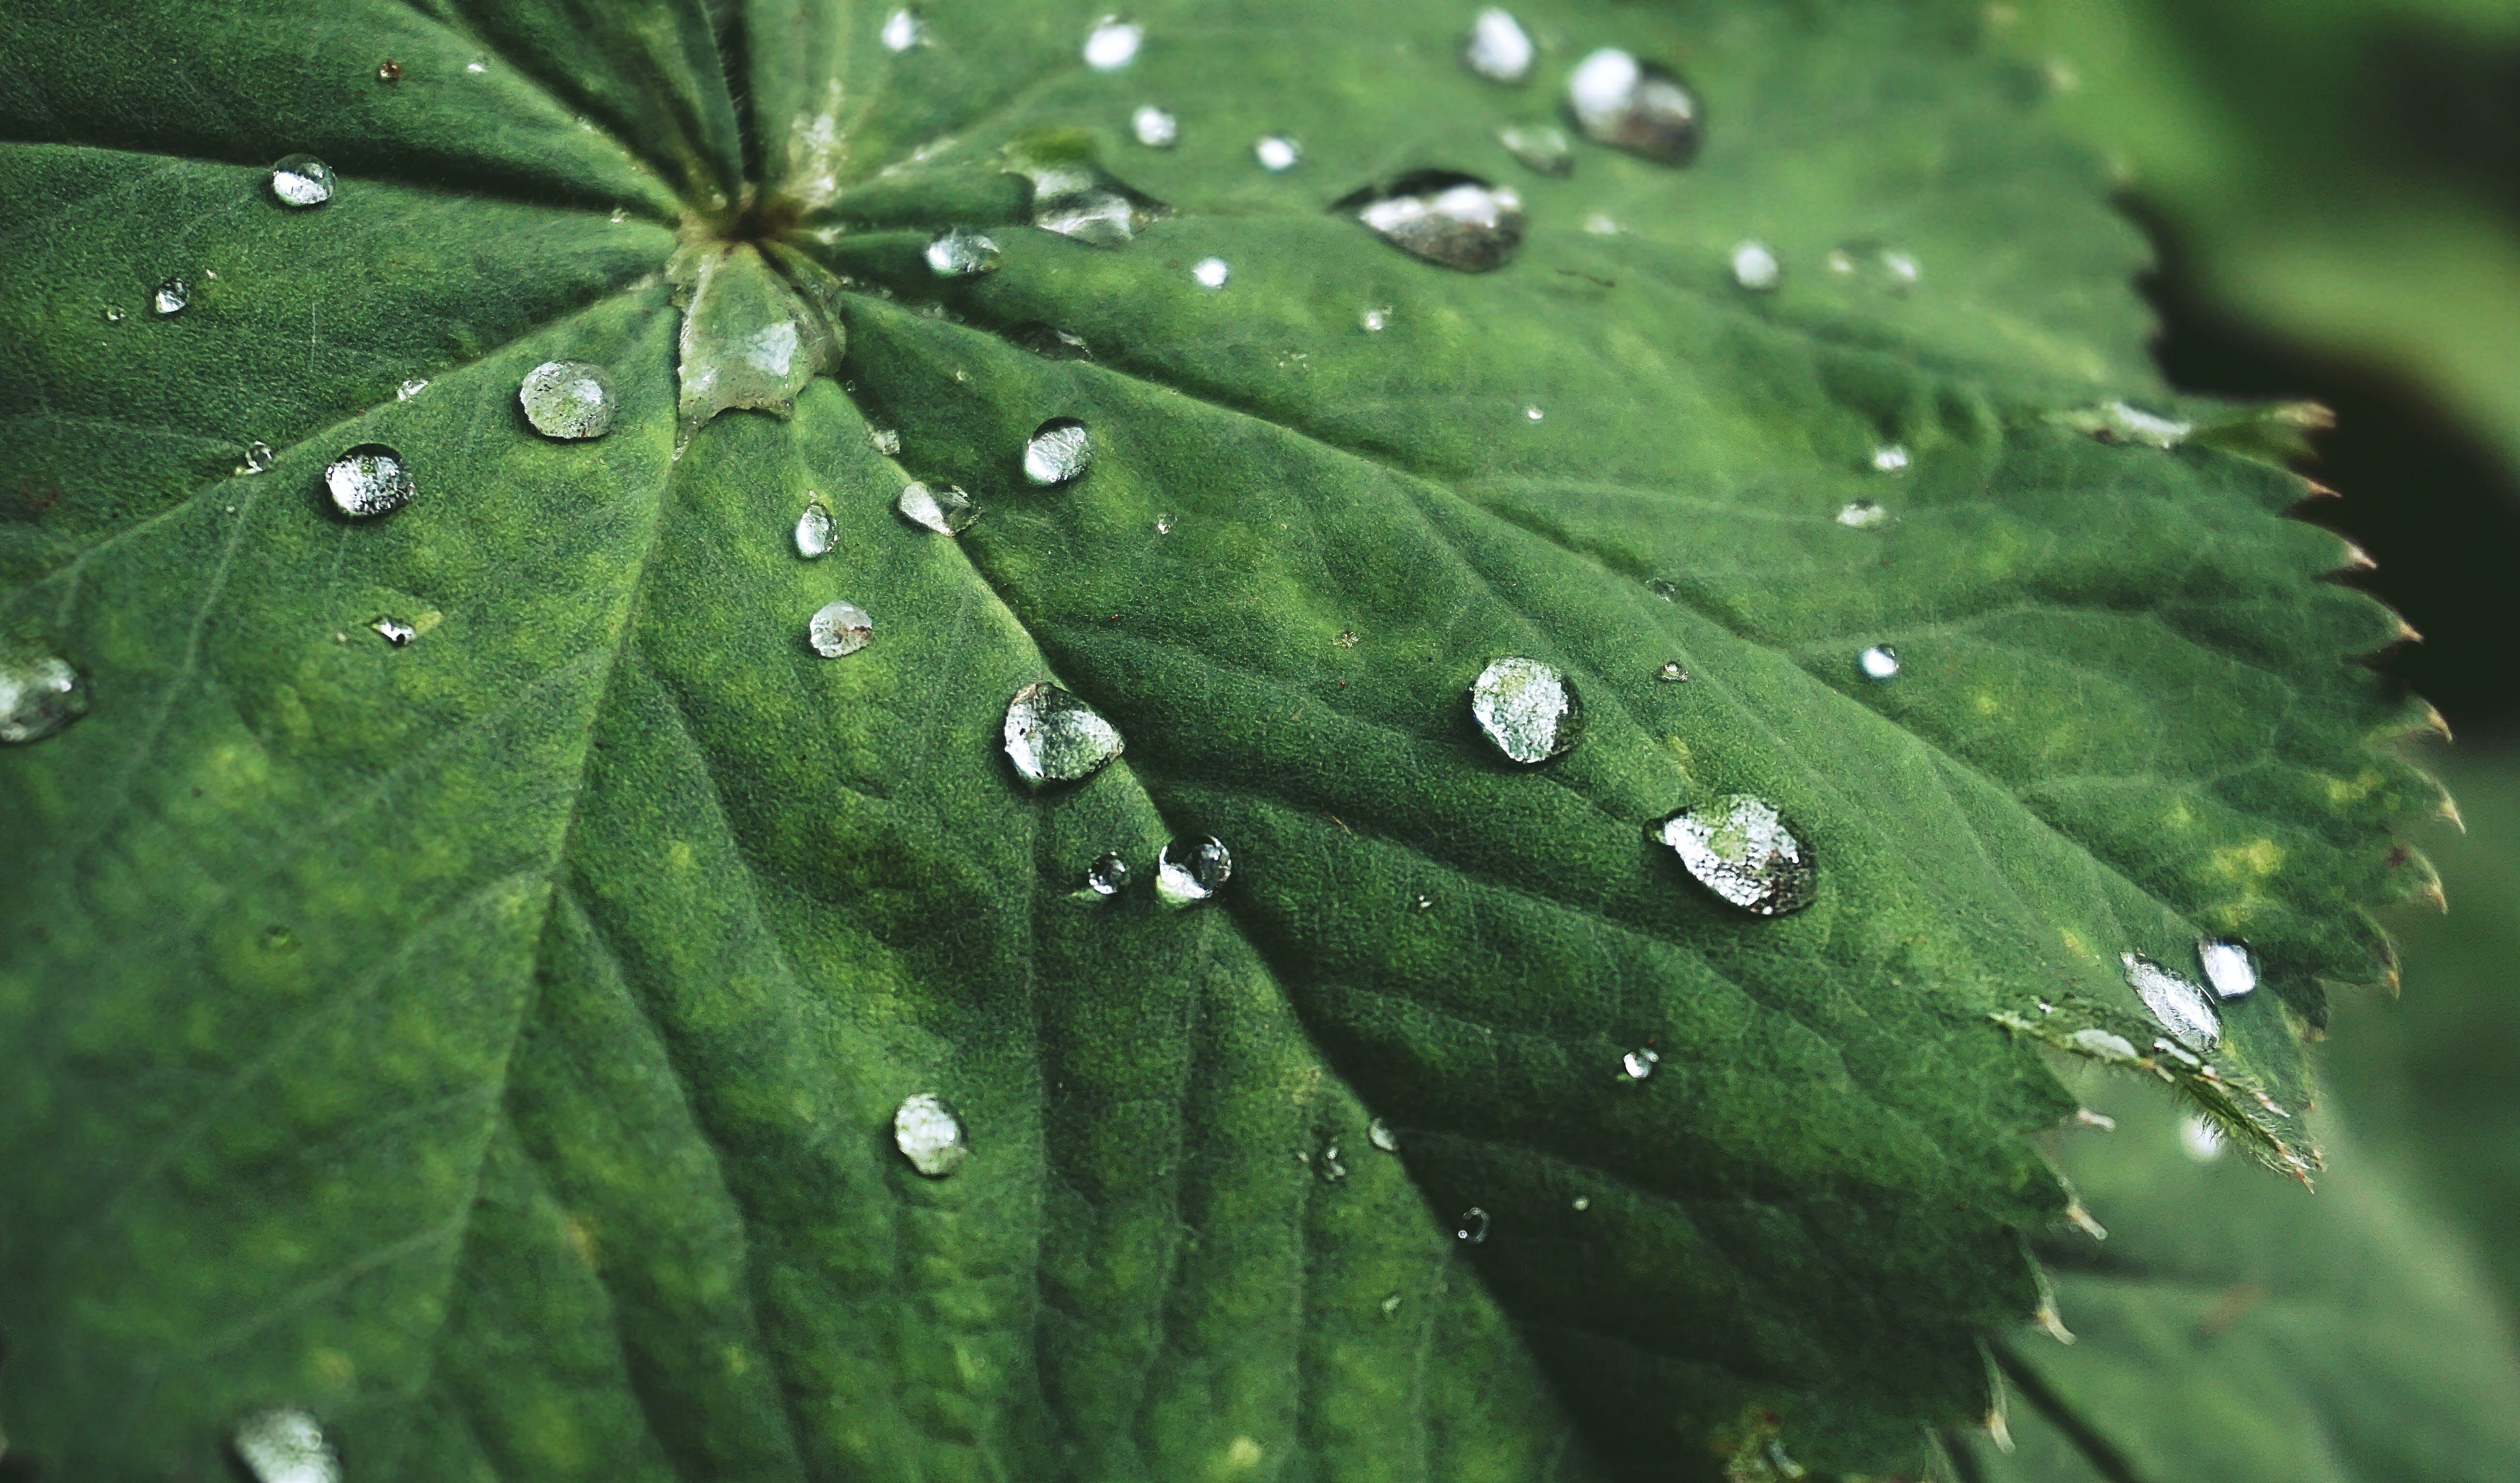 나뭇잎, 녹색, 비, 빗방울의 무료 스톡 사진